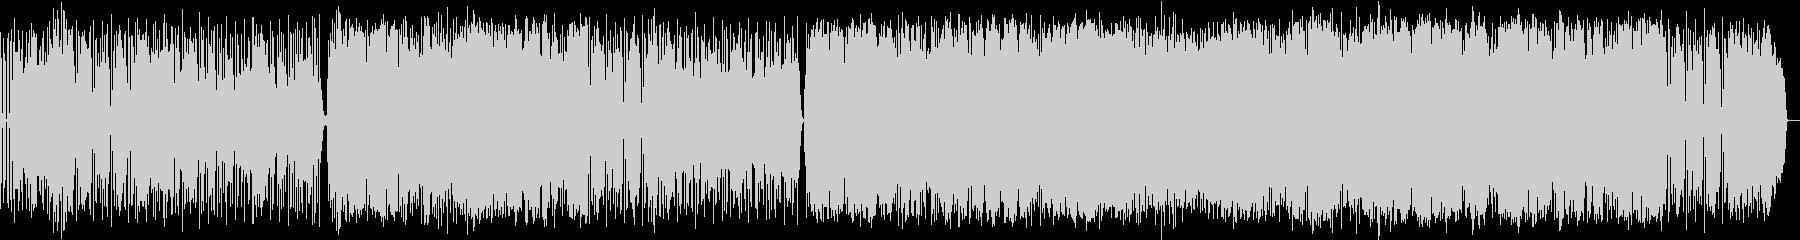 スローテンポのダークなロックの未再生の波形